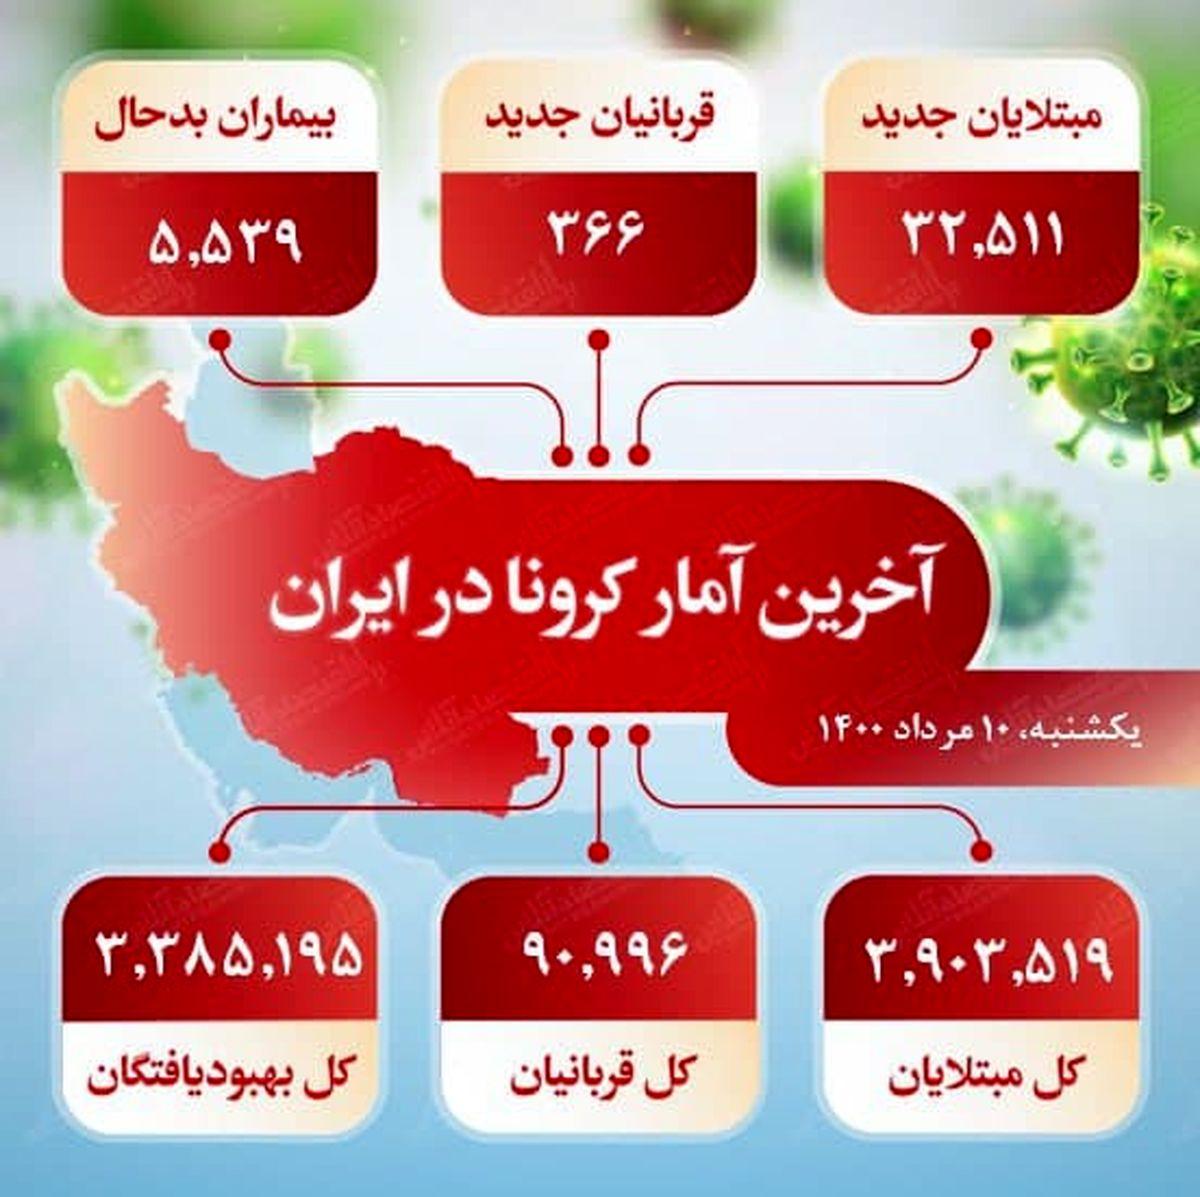 آخرین آمار کرونا در ایران (۱۴۰۰/۵/۱۰)